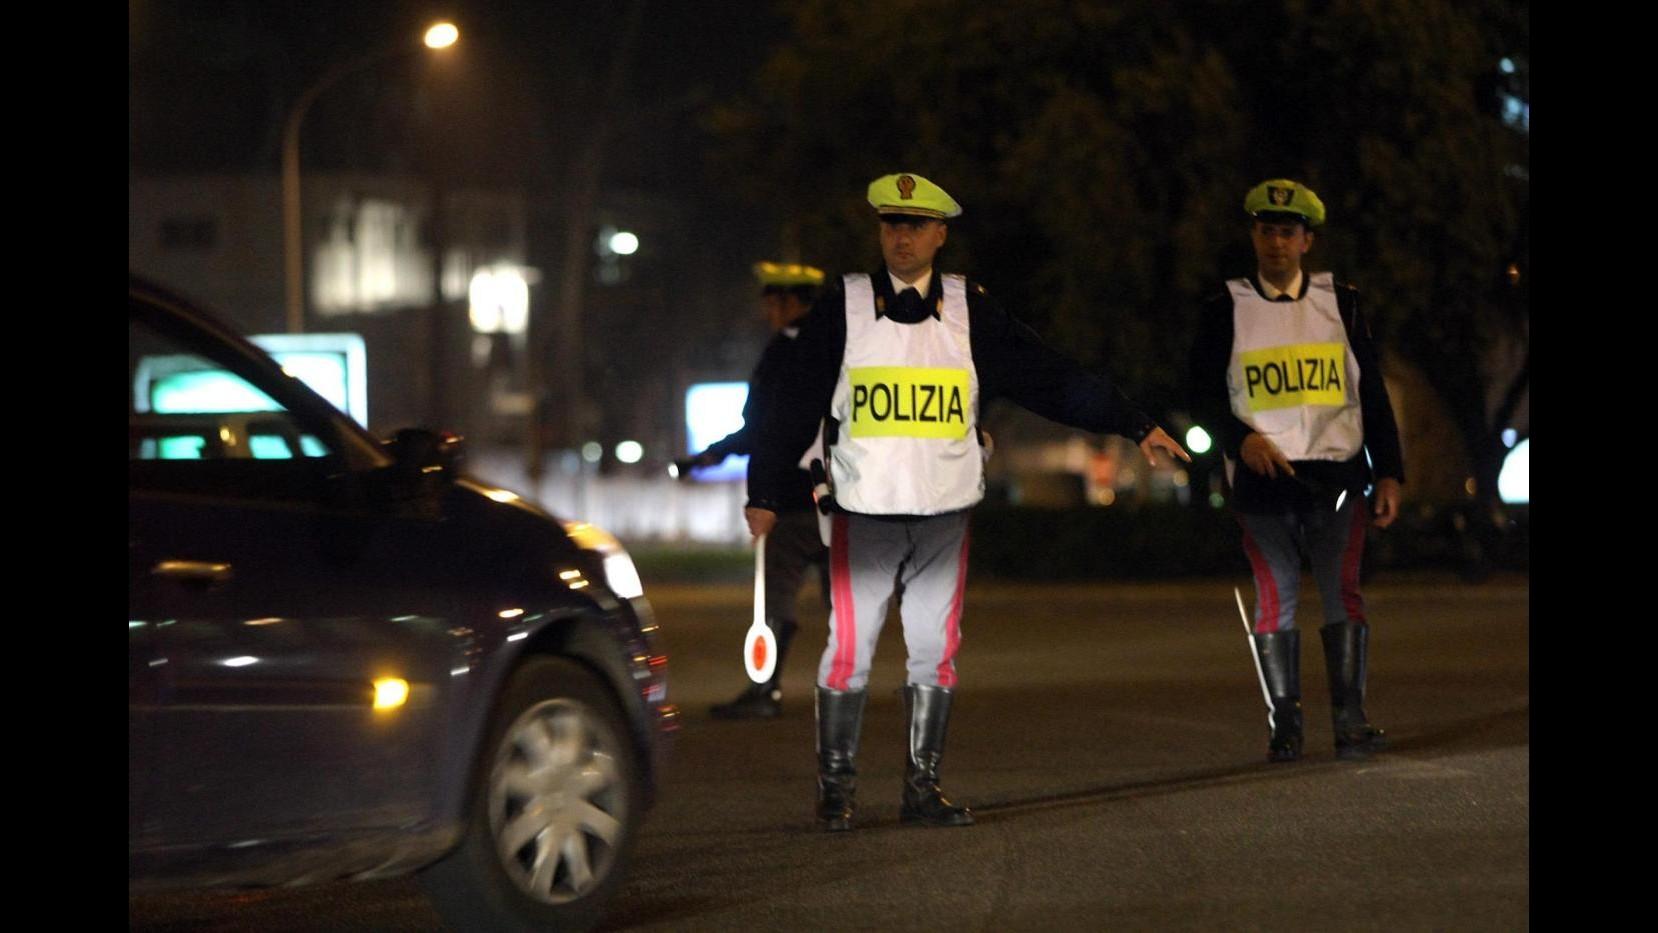 Milano, autista derubato mentre cambia una ruota: arrestato ladro